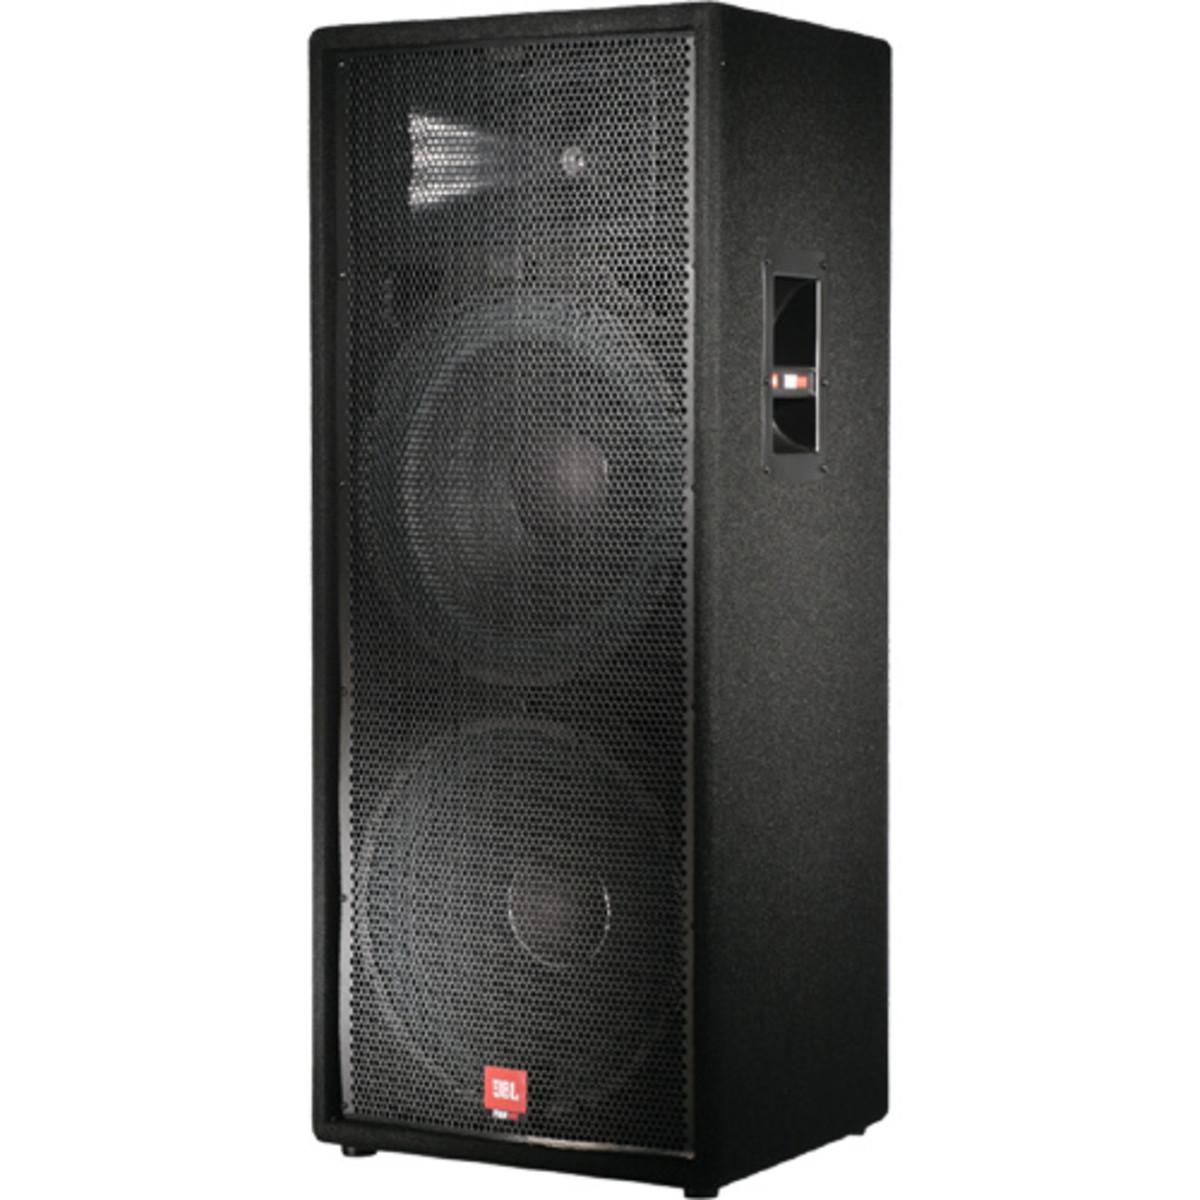 disc jbl jrx125 dual 15 speaker system at. Black Bedroom Furniture Sets. Home Design Ideas